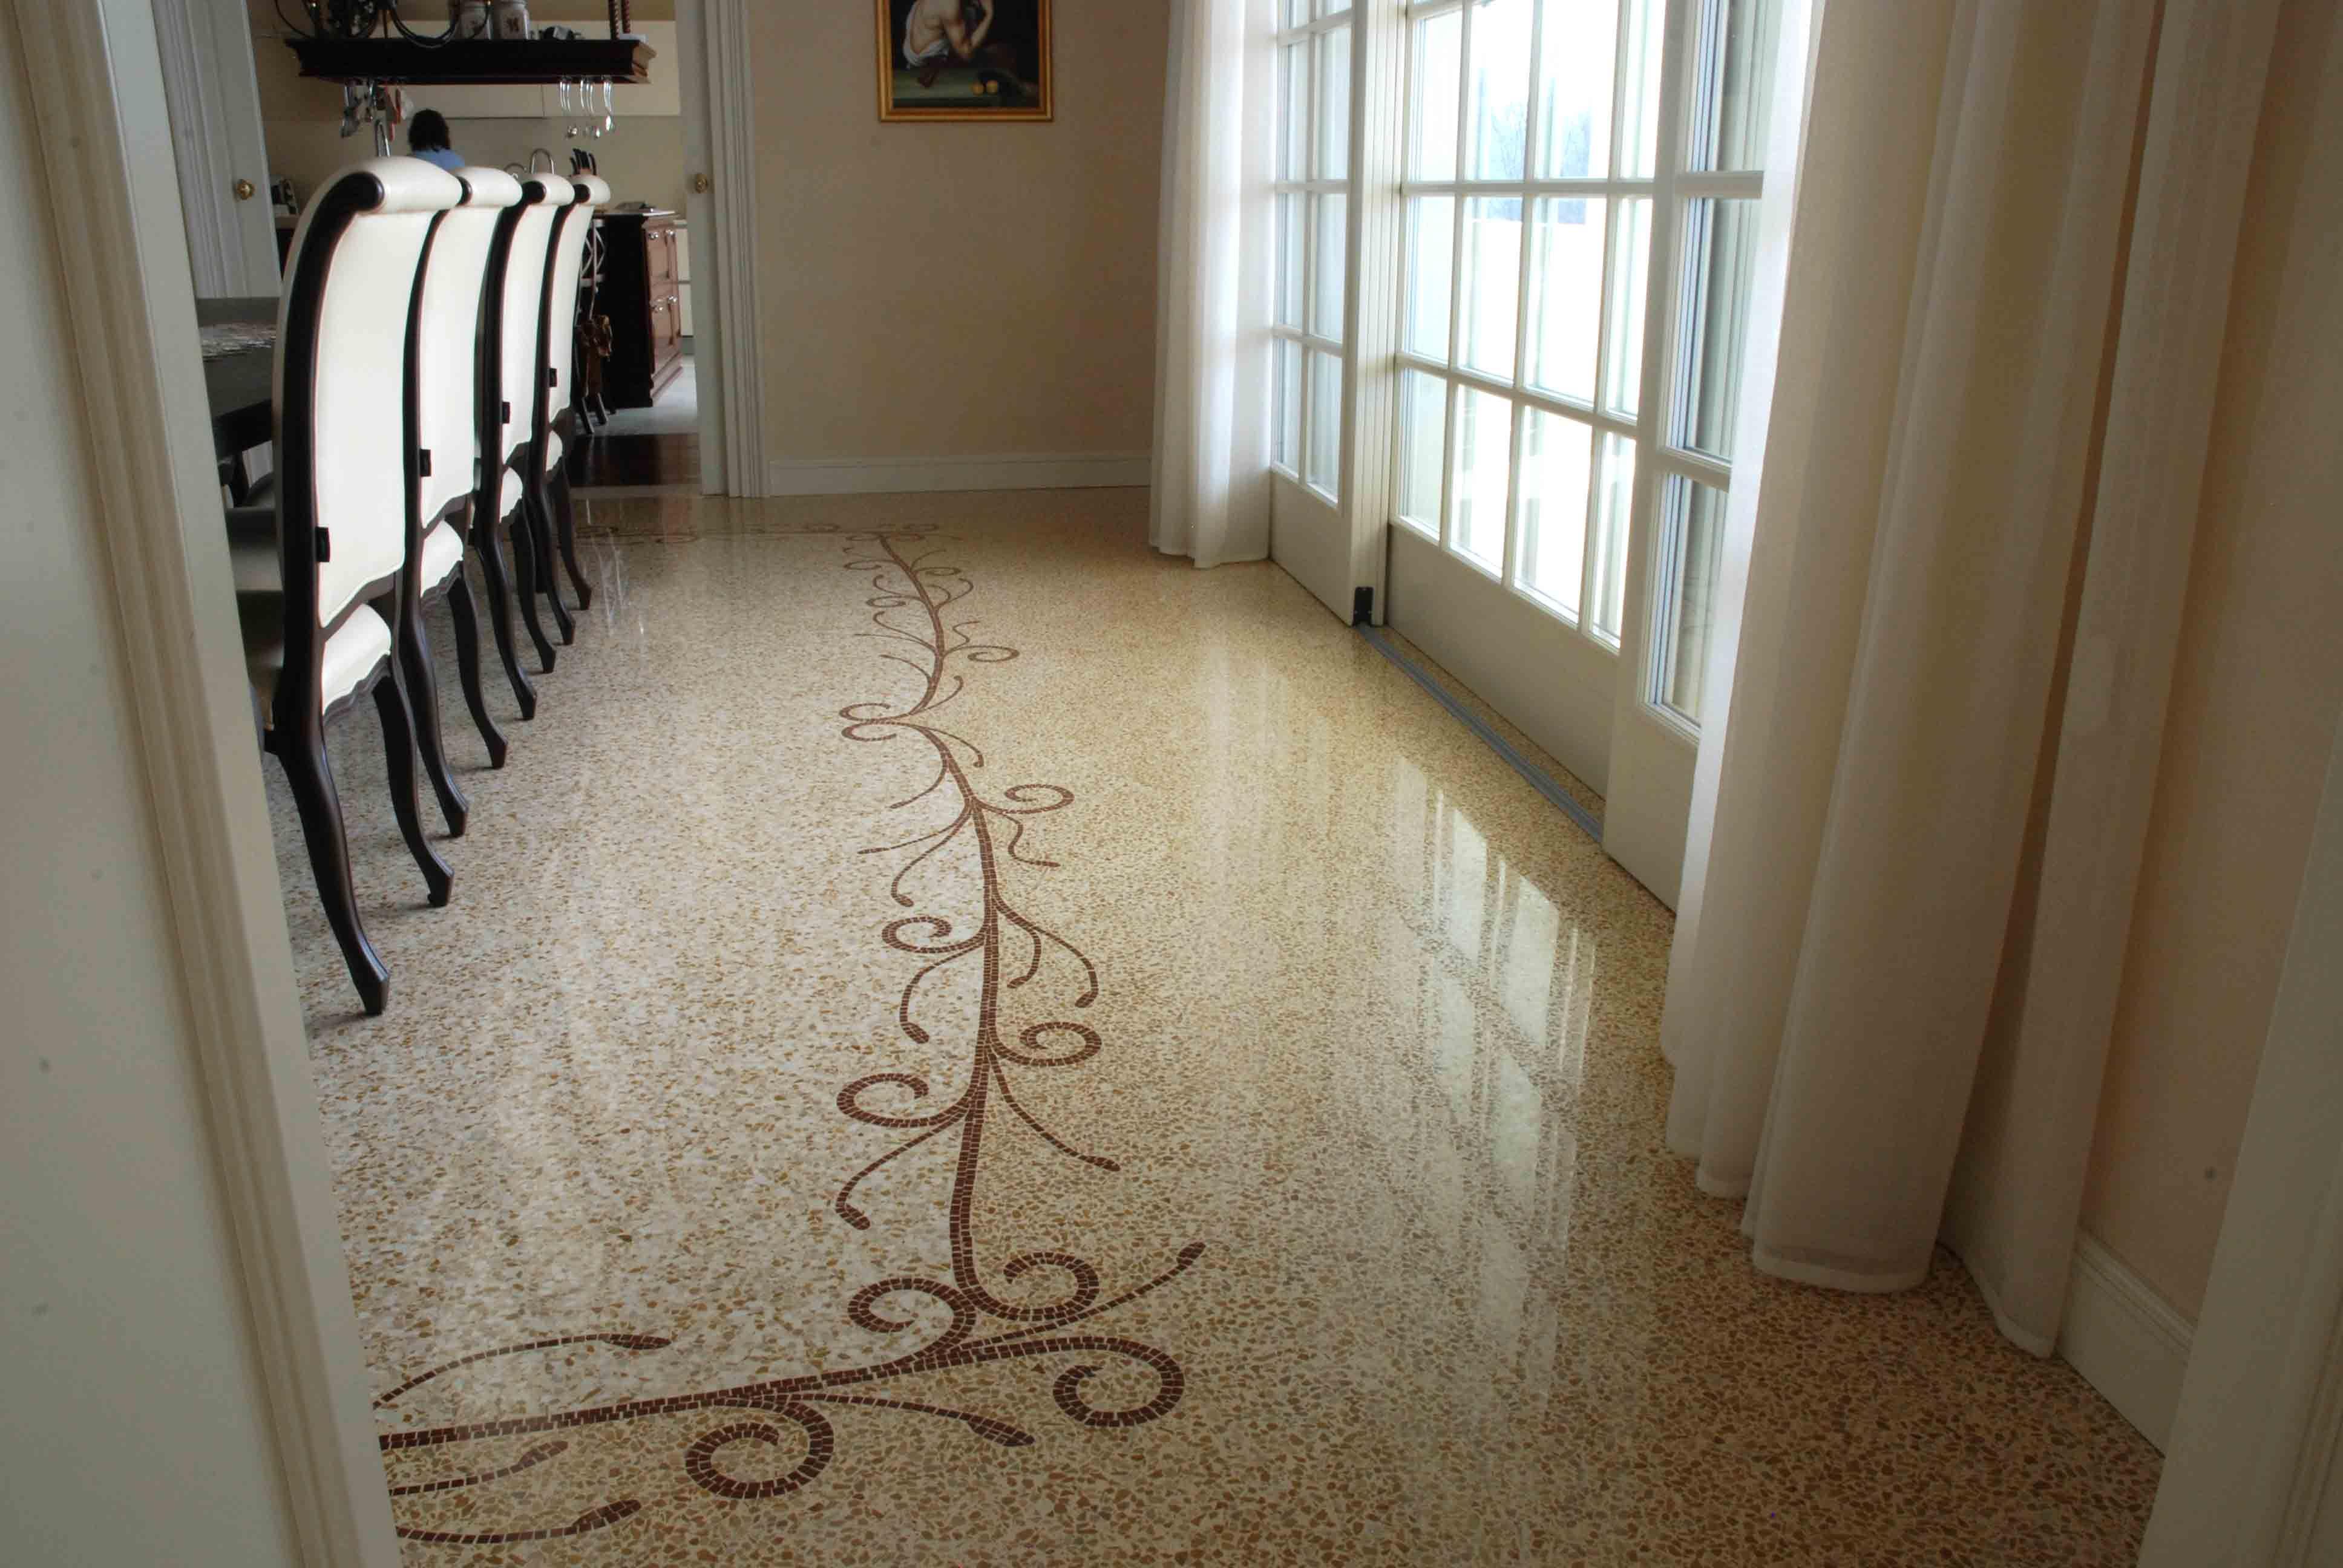 Pavimento In Terrazzo Alla Veneziana terrazzo alla veneziana terrazzo floor #terrazzoveneziano